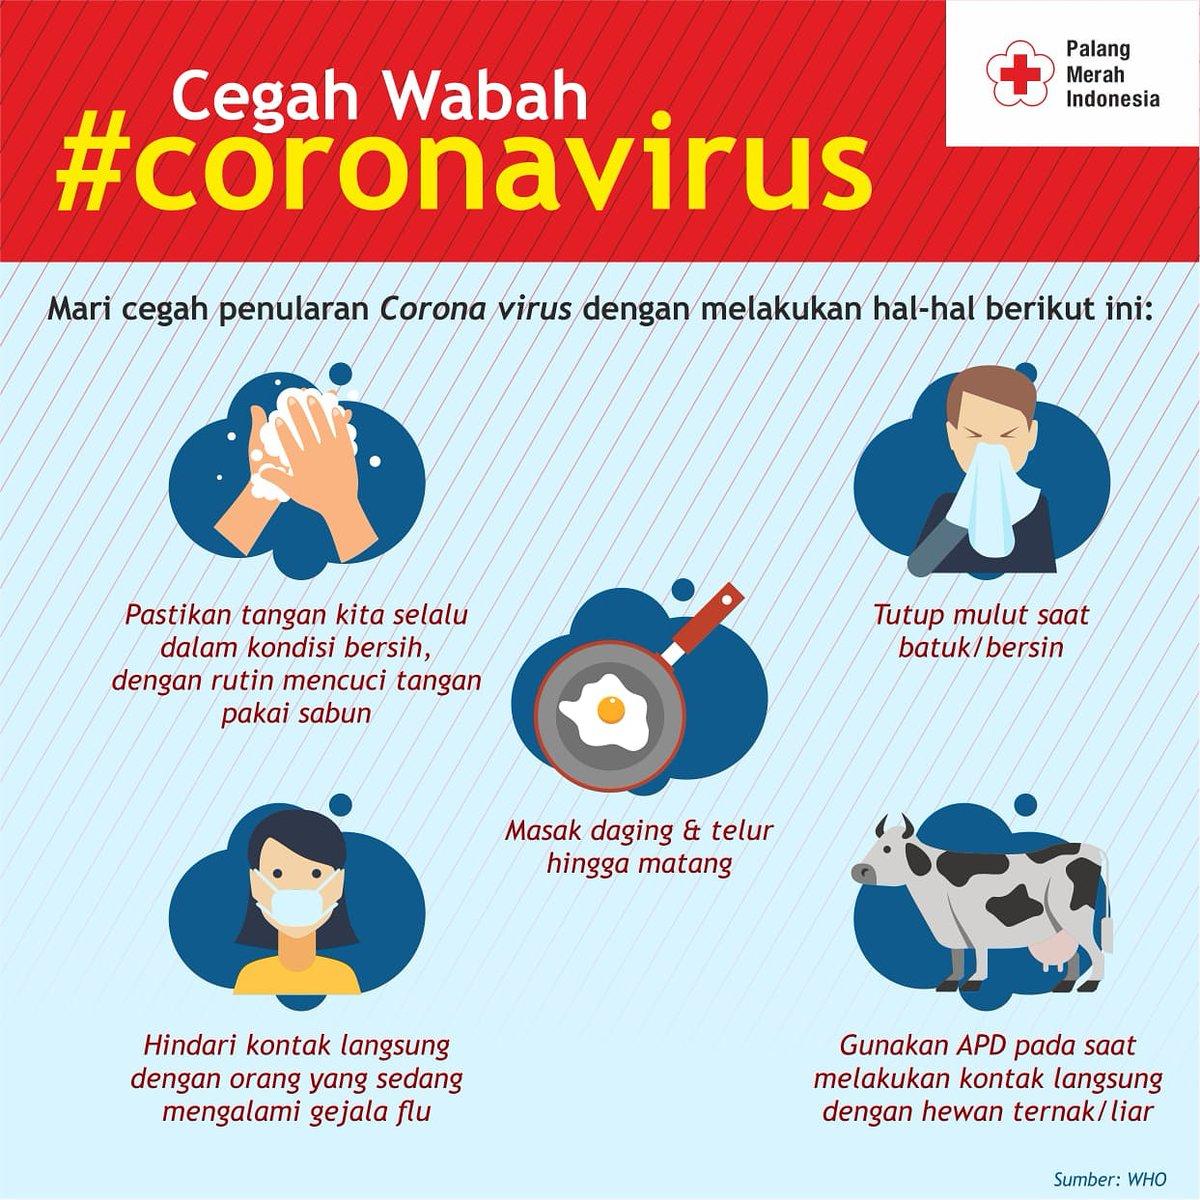 Cek Fakta : Study terbaru, Benarkah Golongan darah A rentan terhadap virus Covid-19?